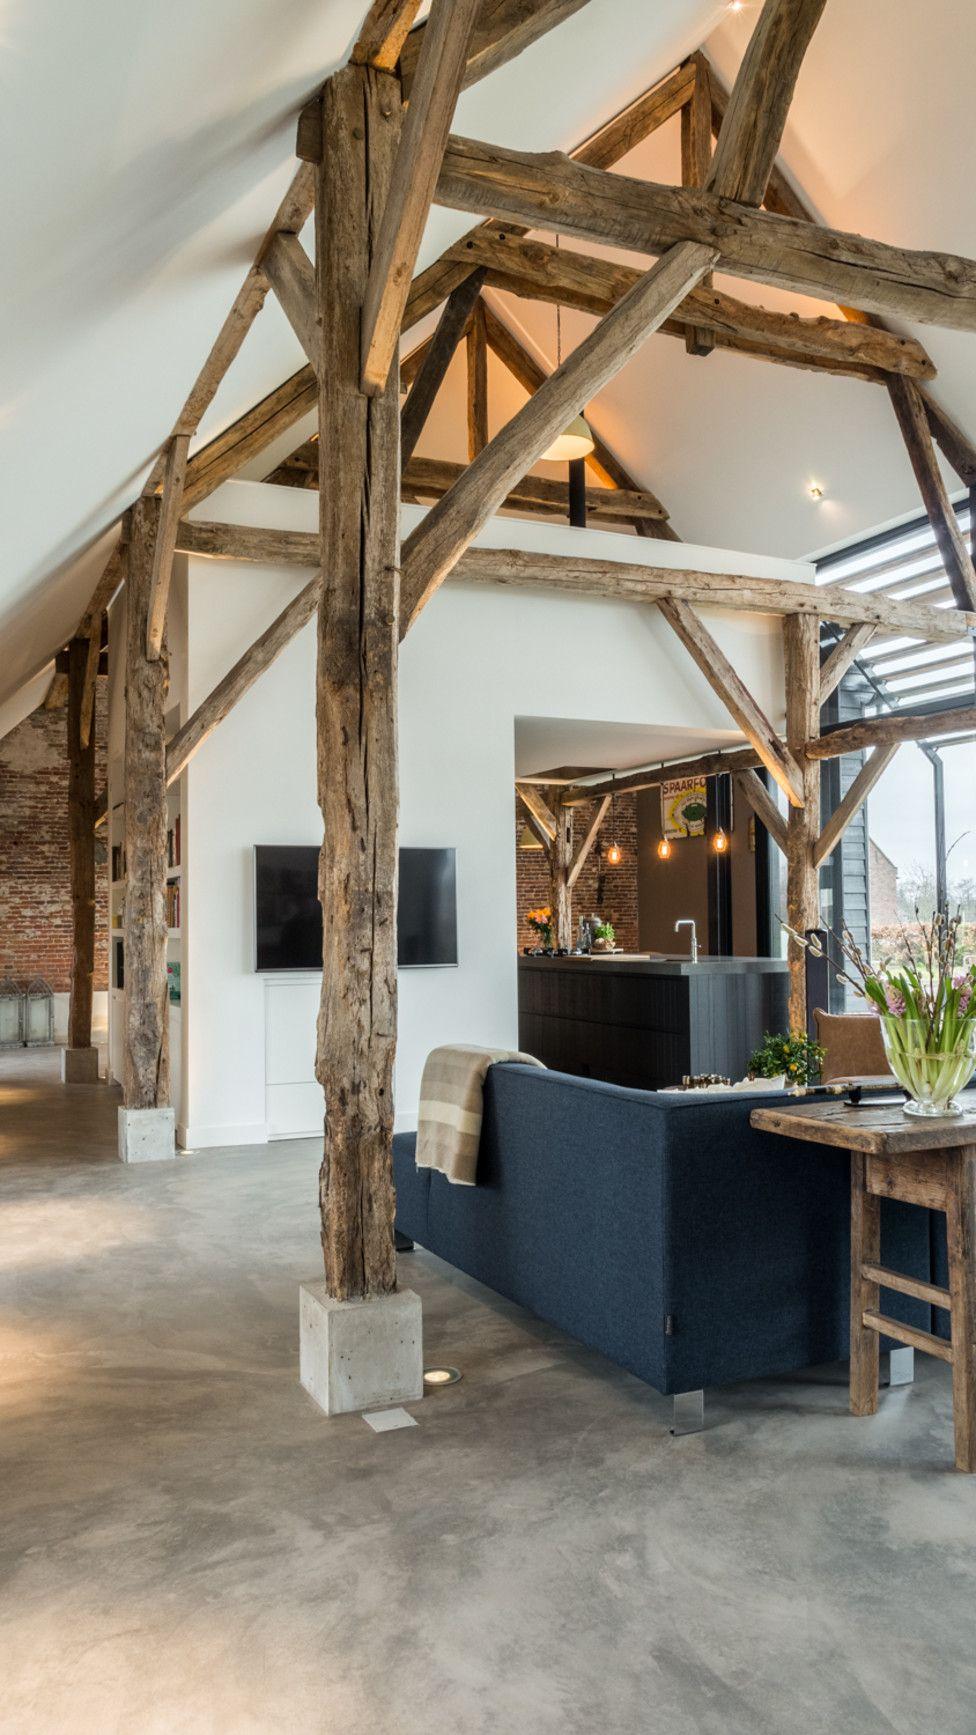 Das zweite Leben eines alten Bauernhauses in 2020 Alte